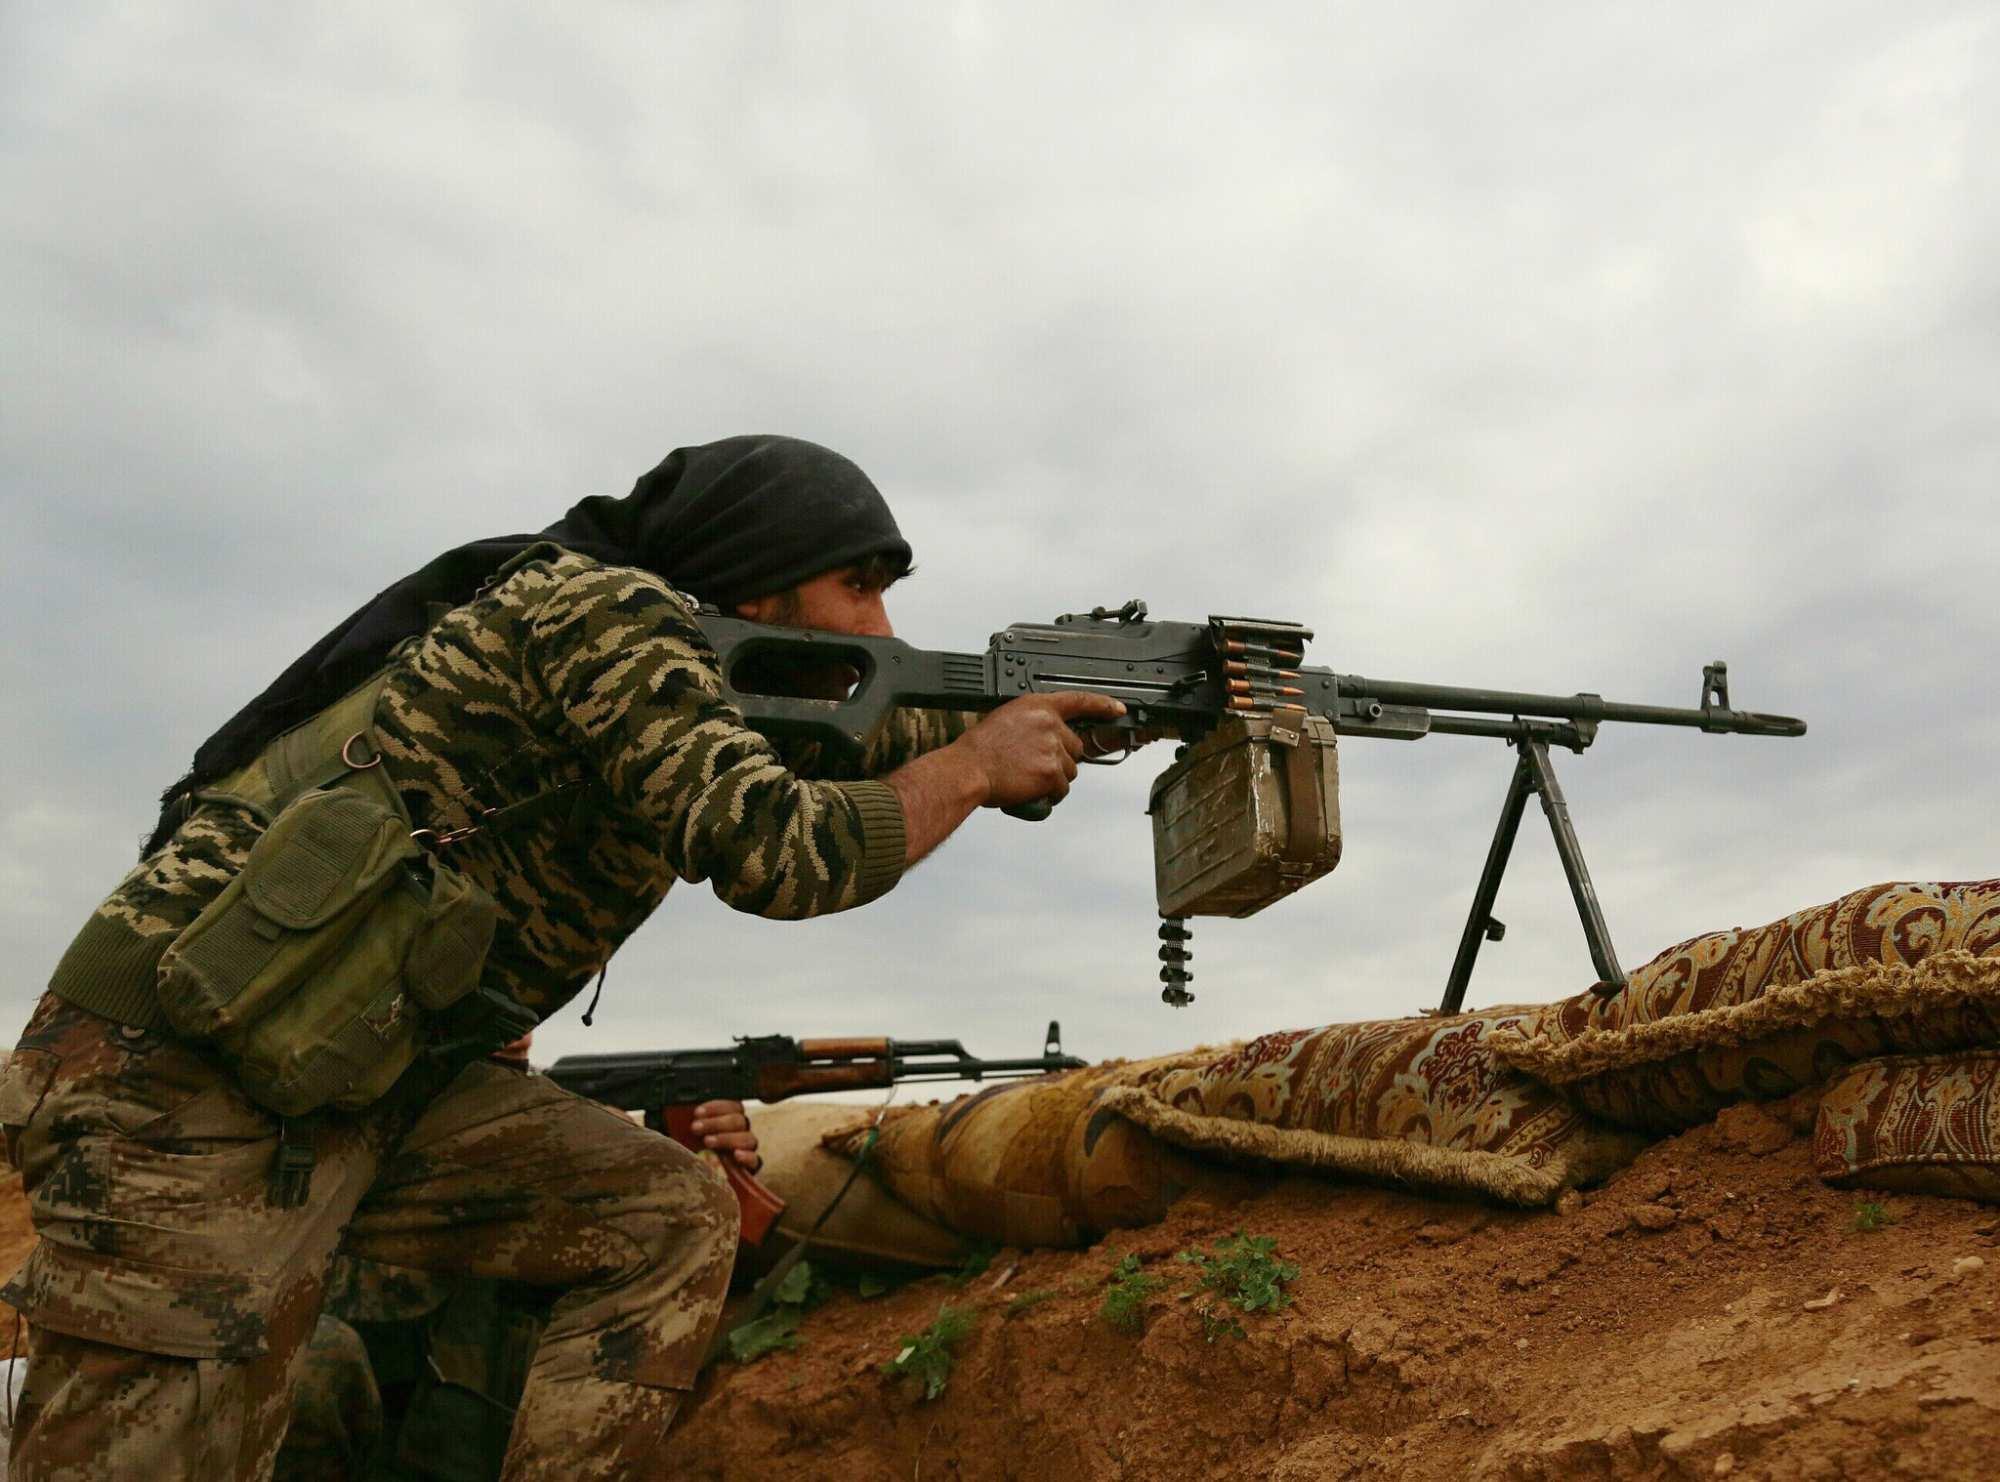 Коалиция США вторгается в Дейр эз-Зор, Армия Сирии и ВКС РФ планирует блокировать эту экспансию | Русская весна